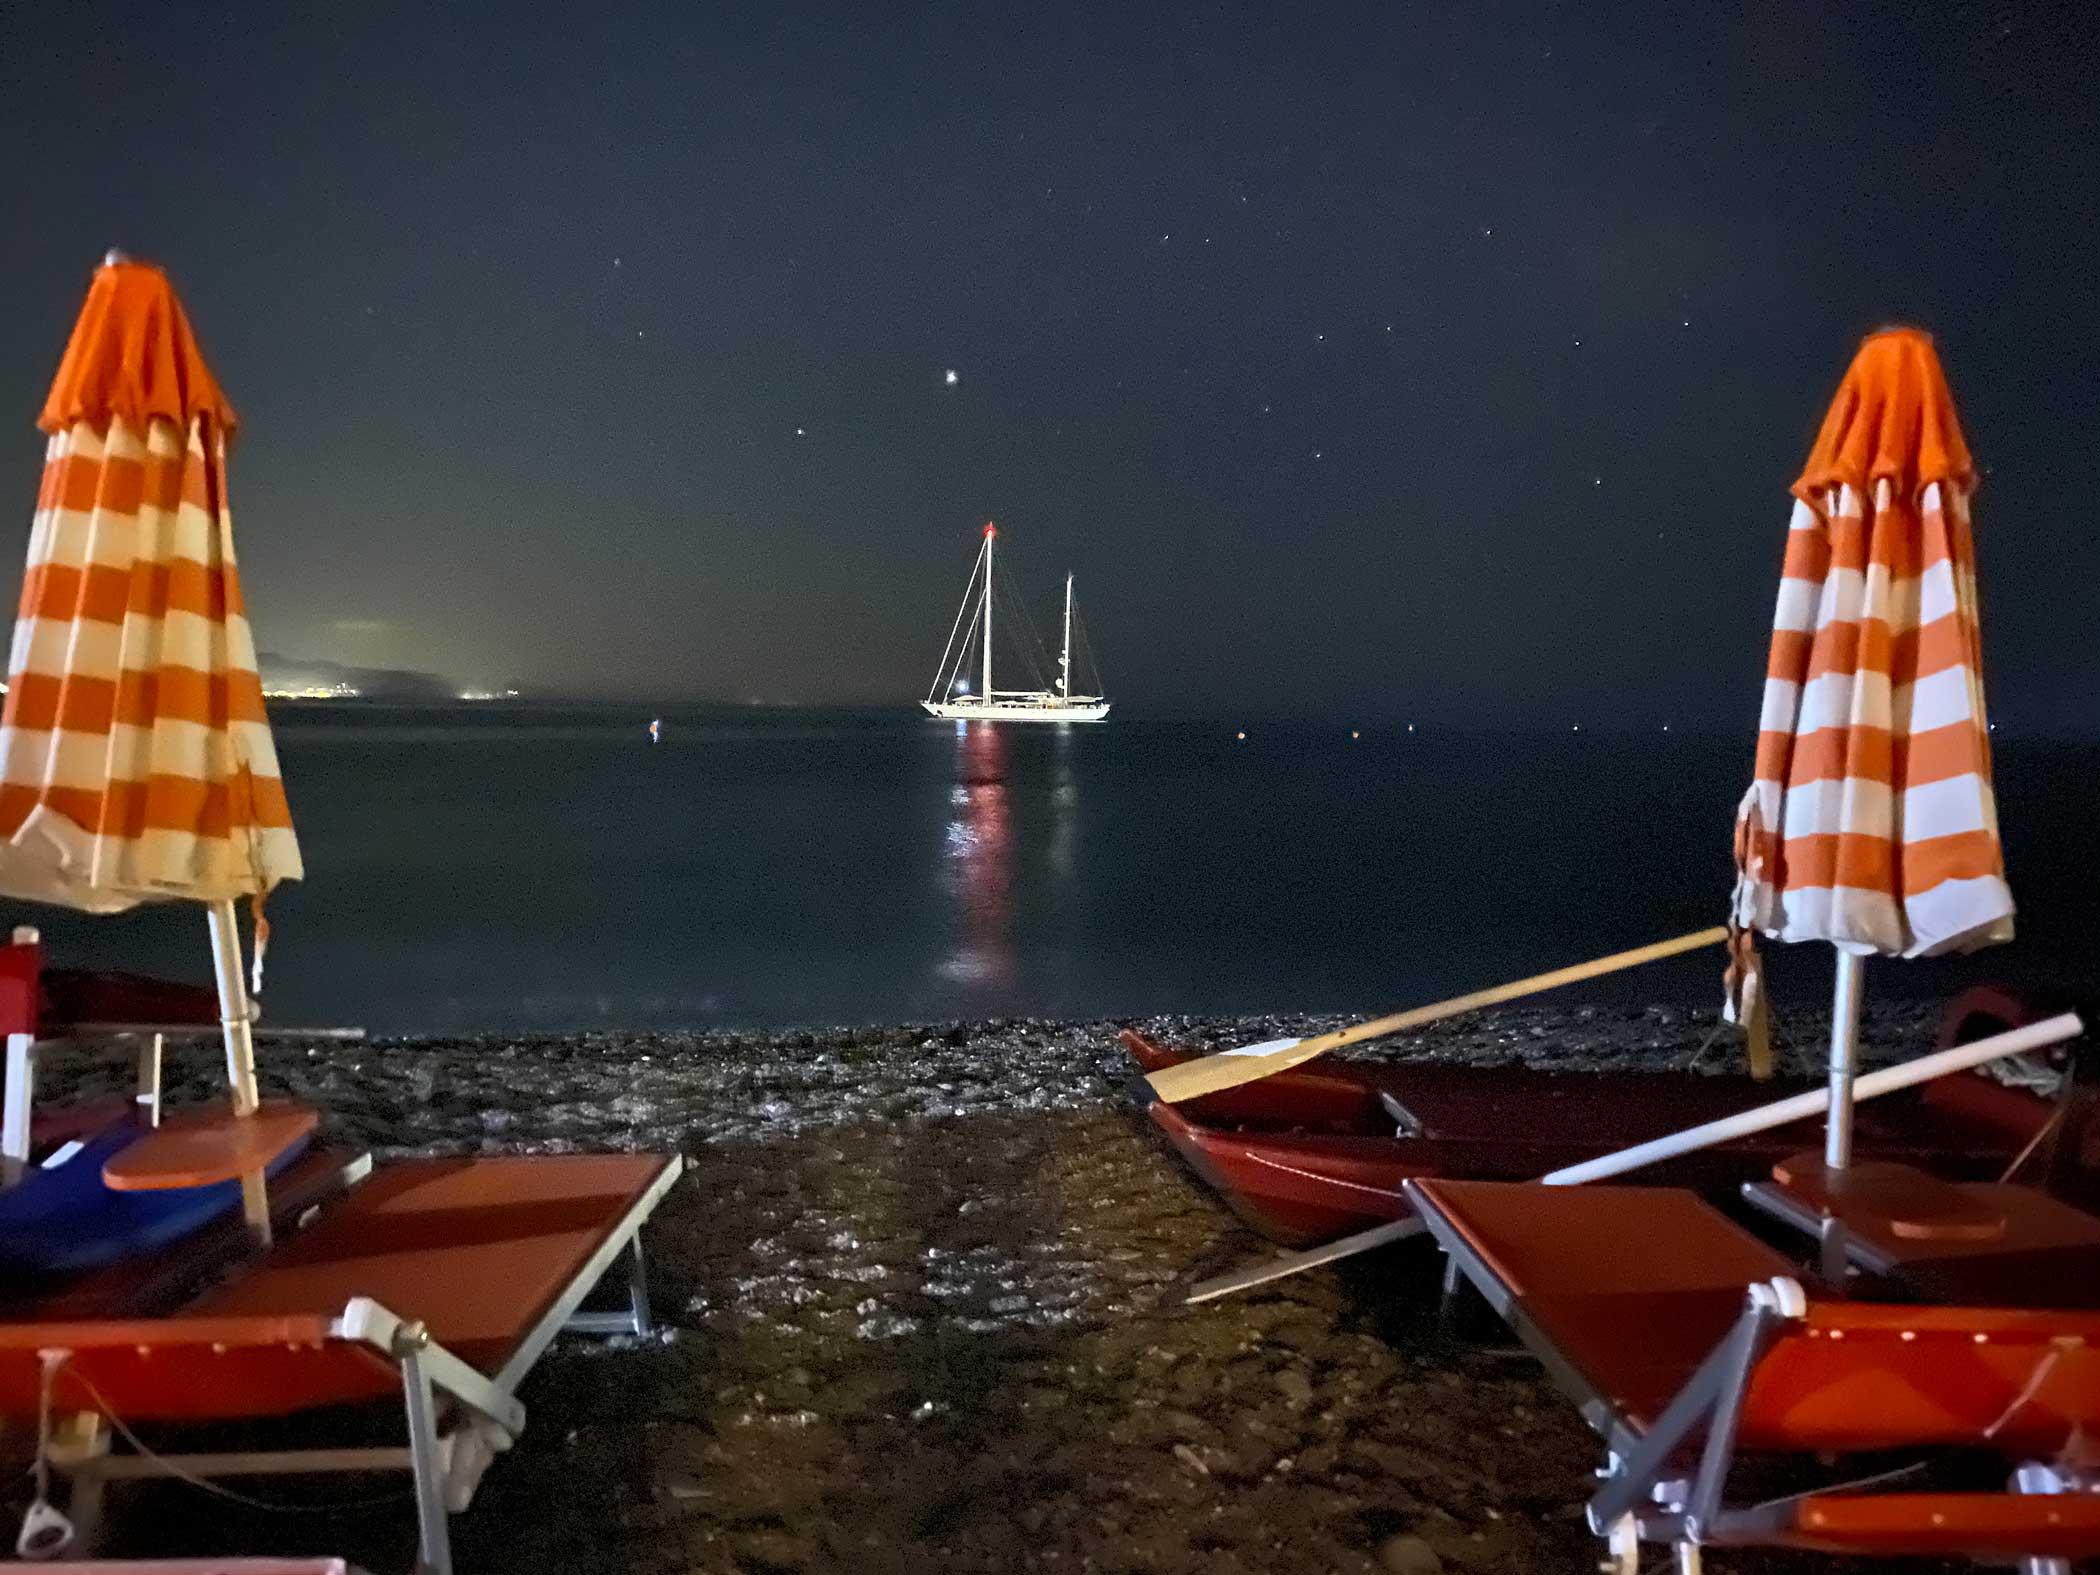 Mare di notte ai Bagni Sirena 2020